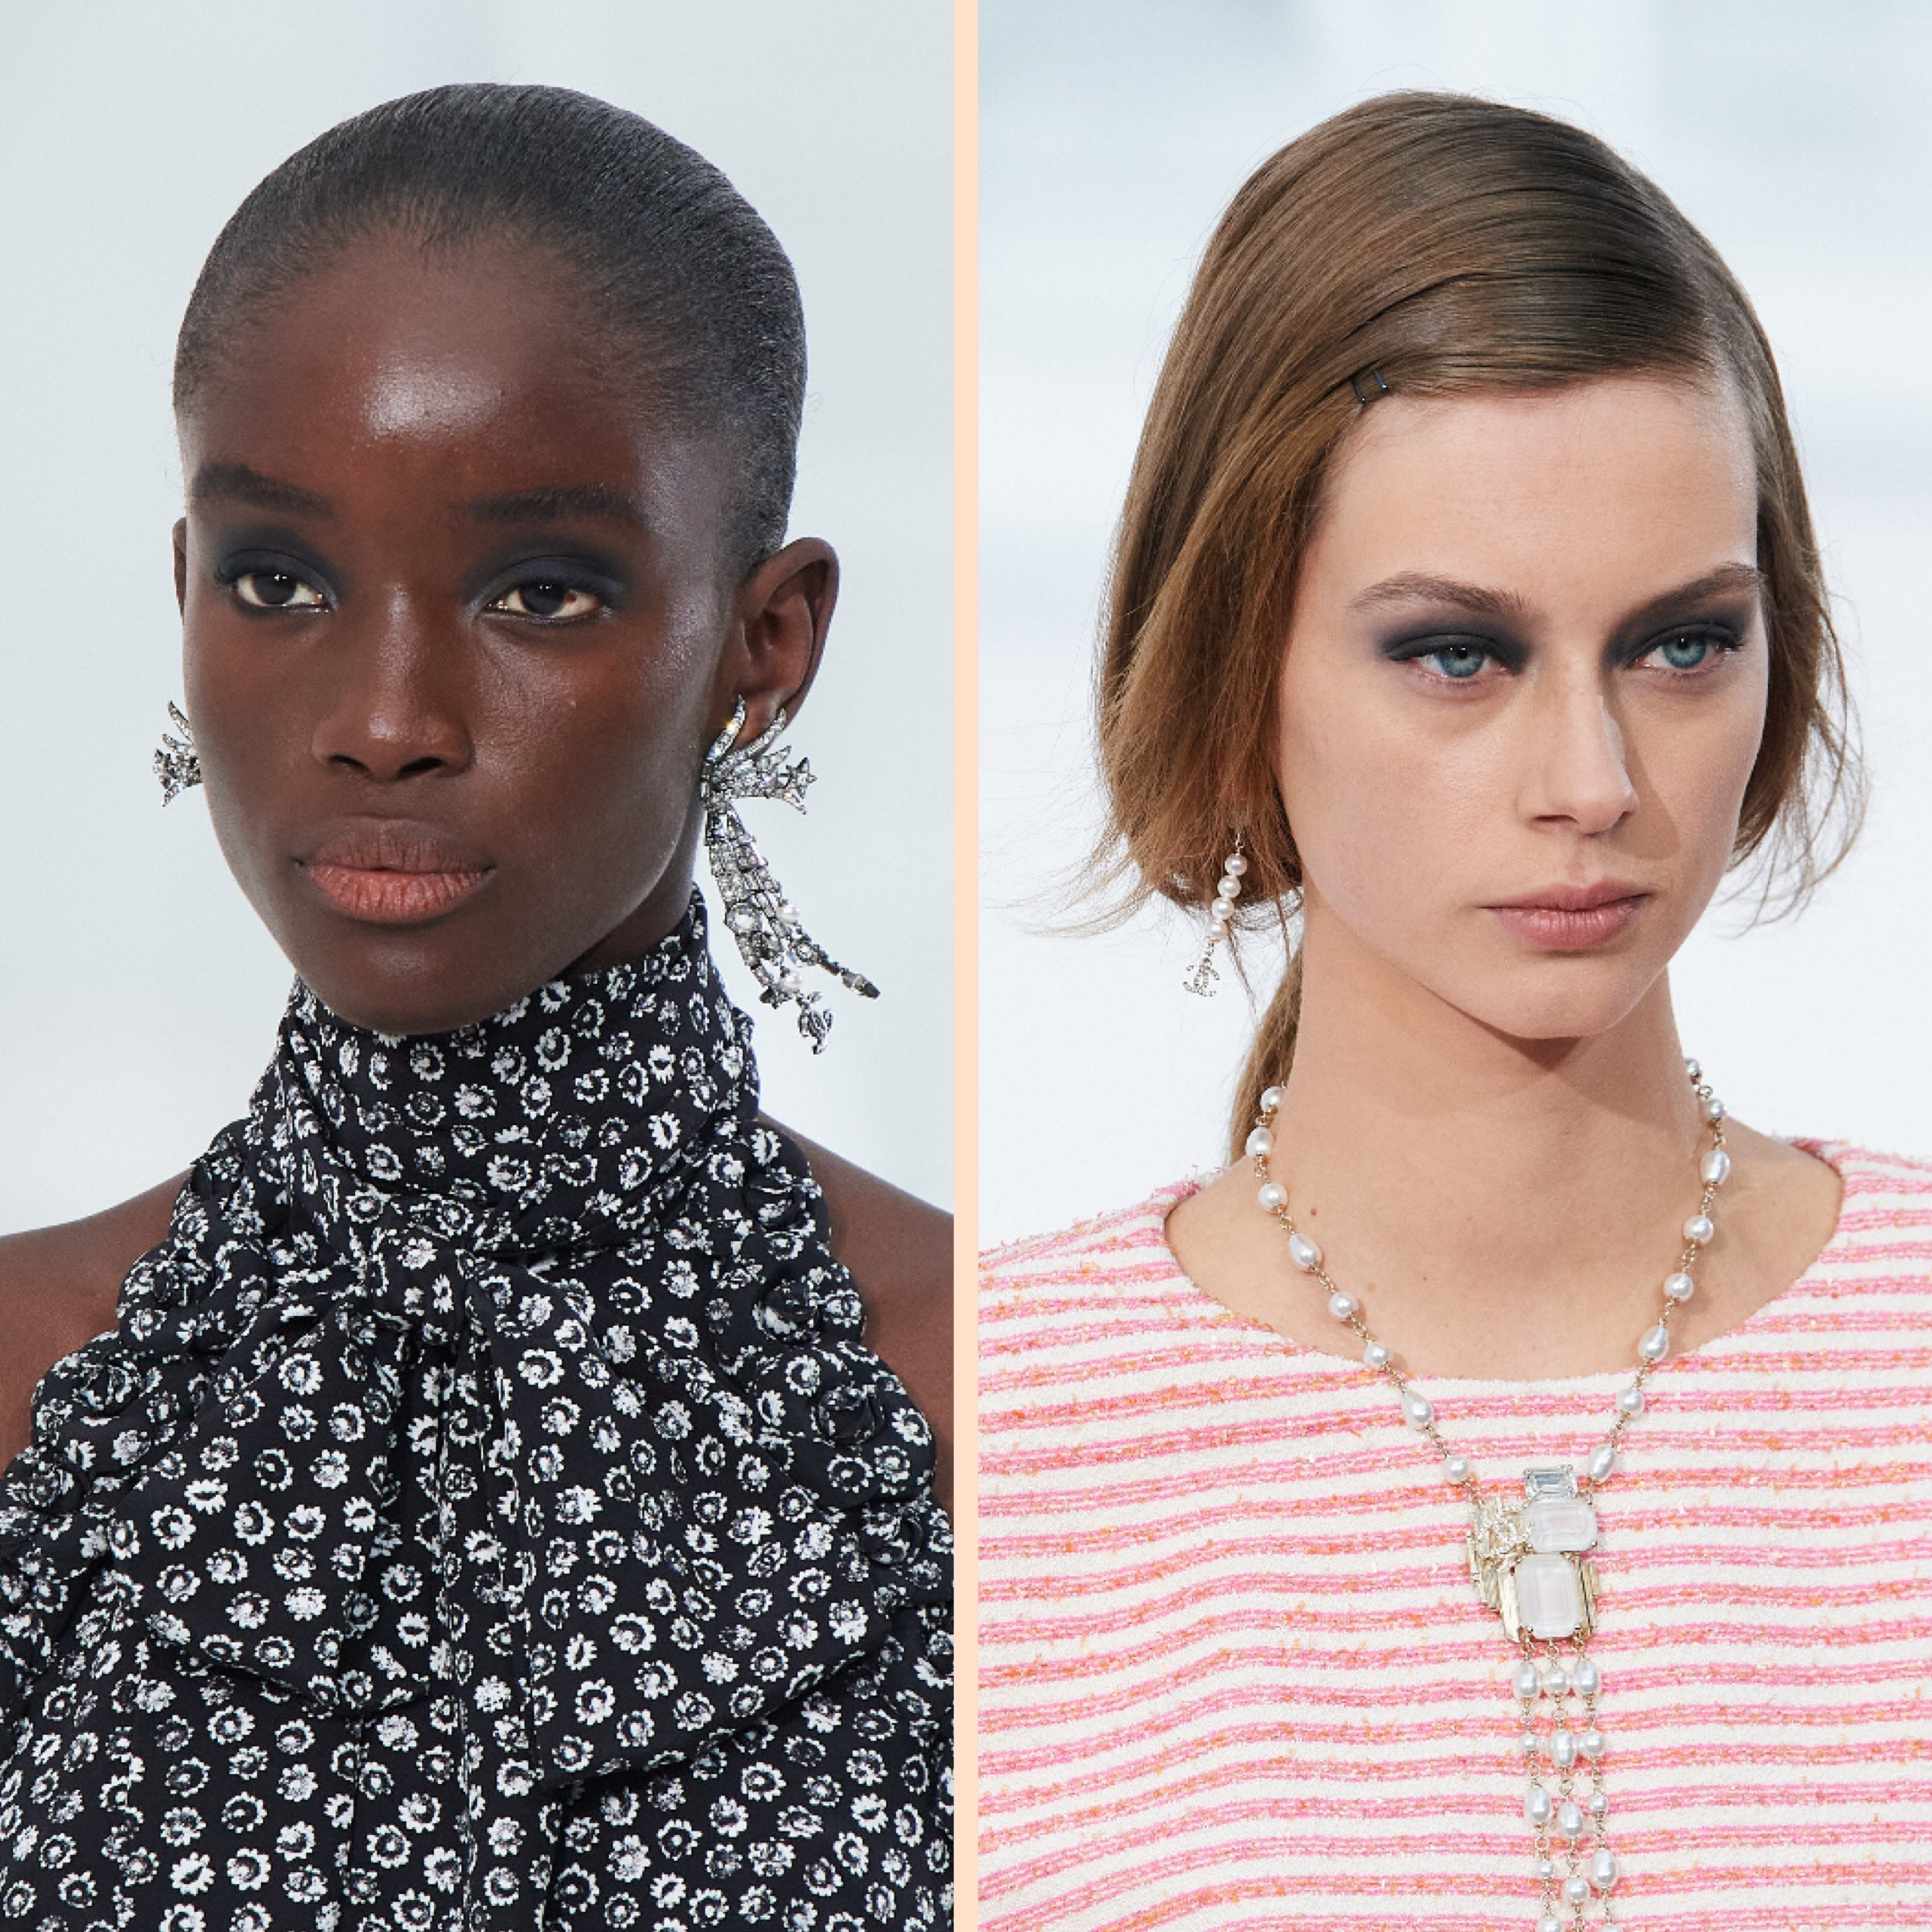 Semana de moda de Paris: Chanel (Foto: Divulgação )